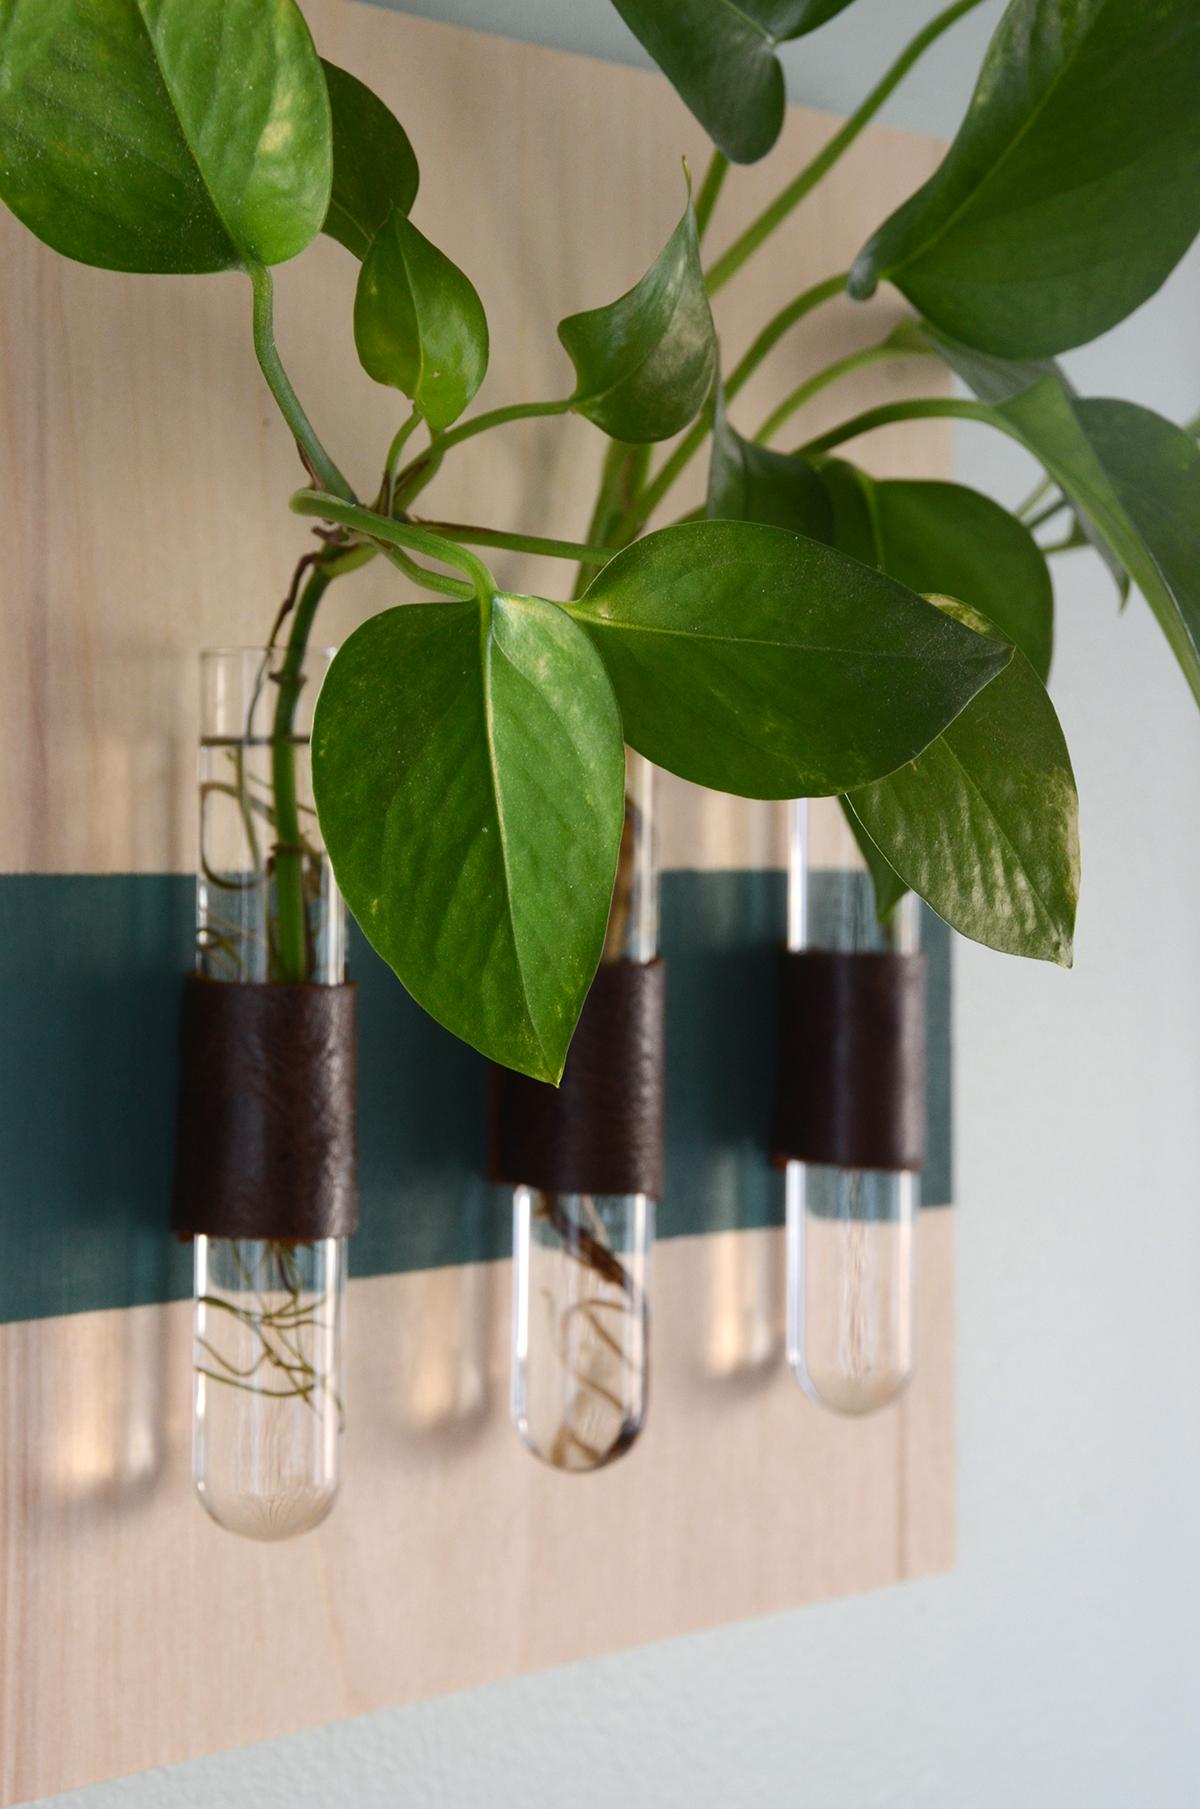 Diy test tube vases 8